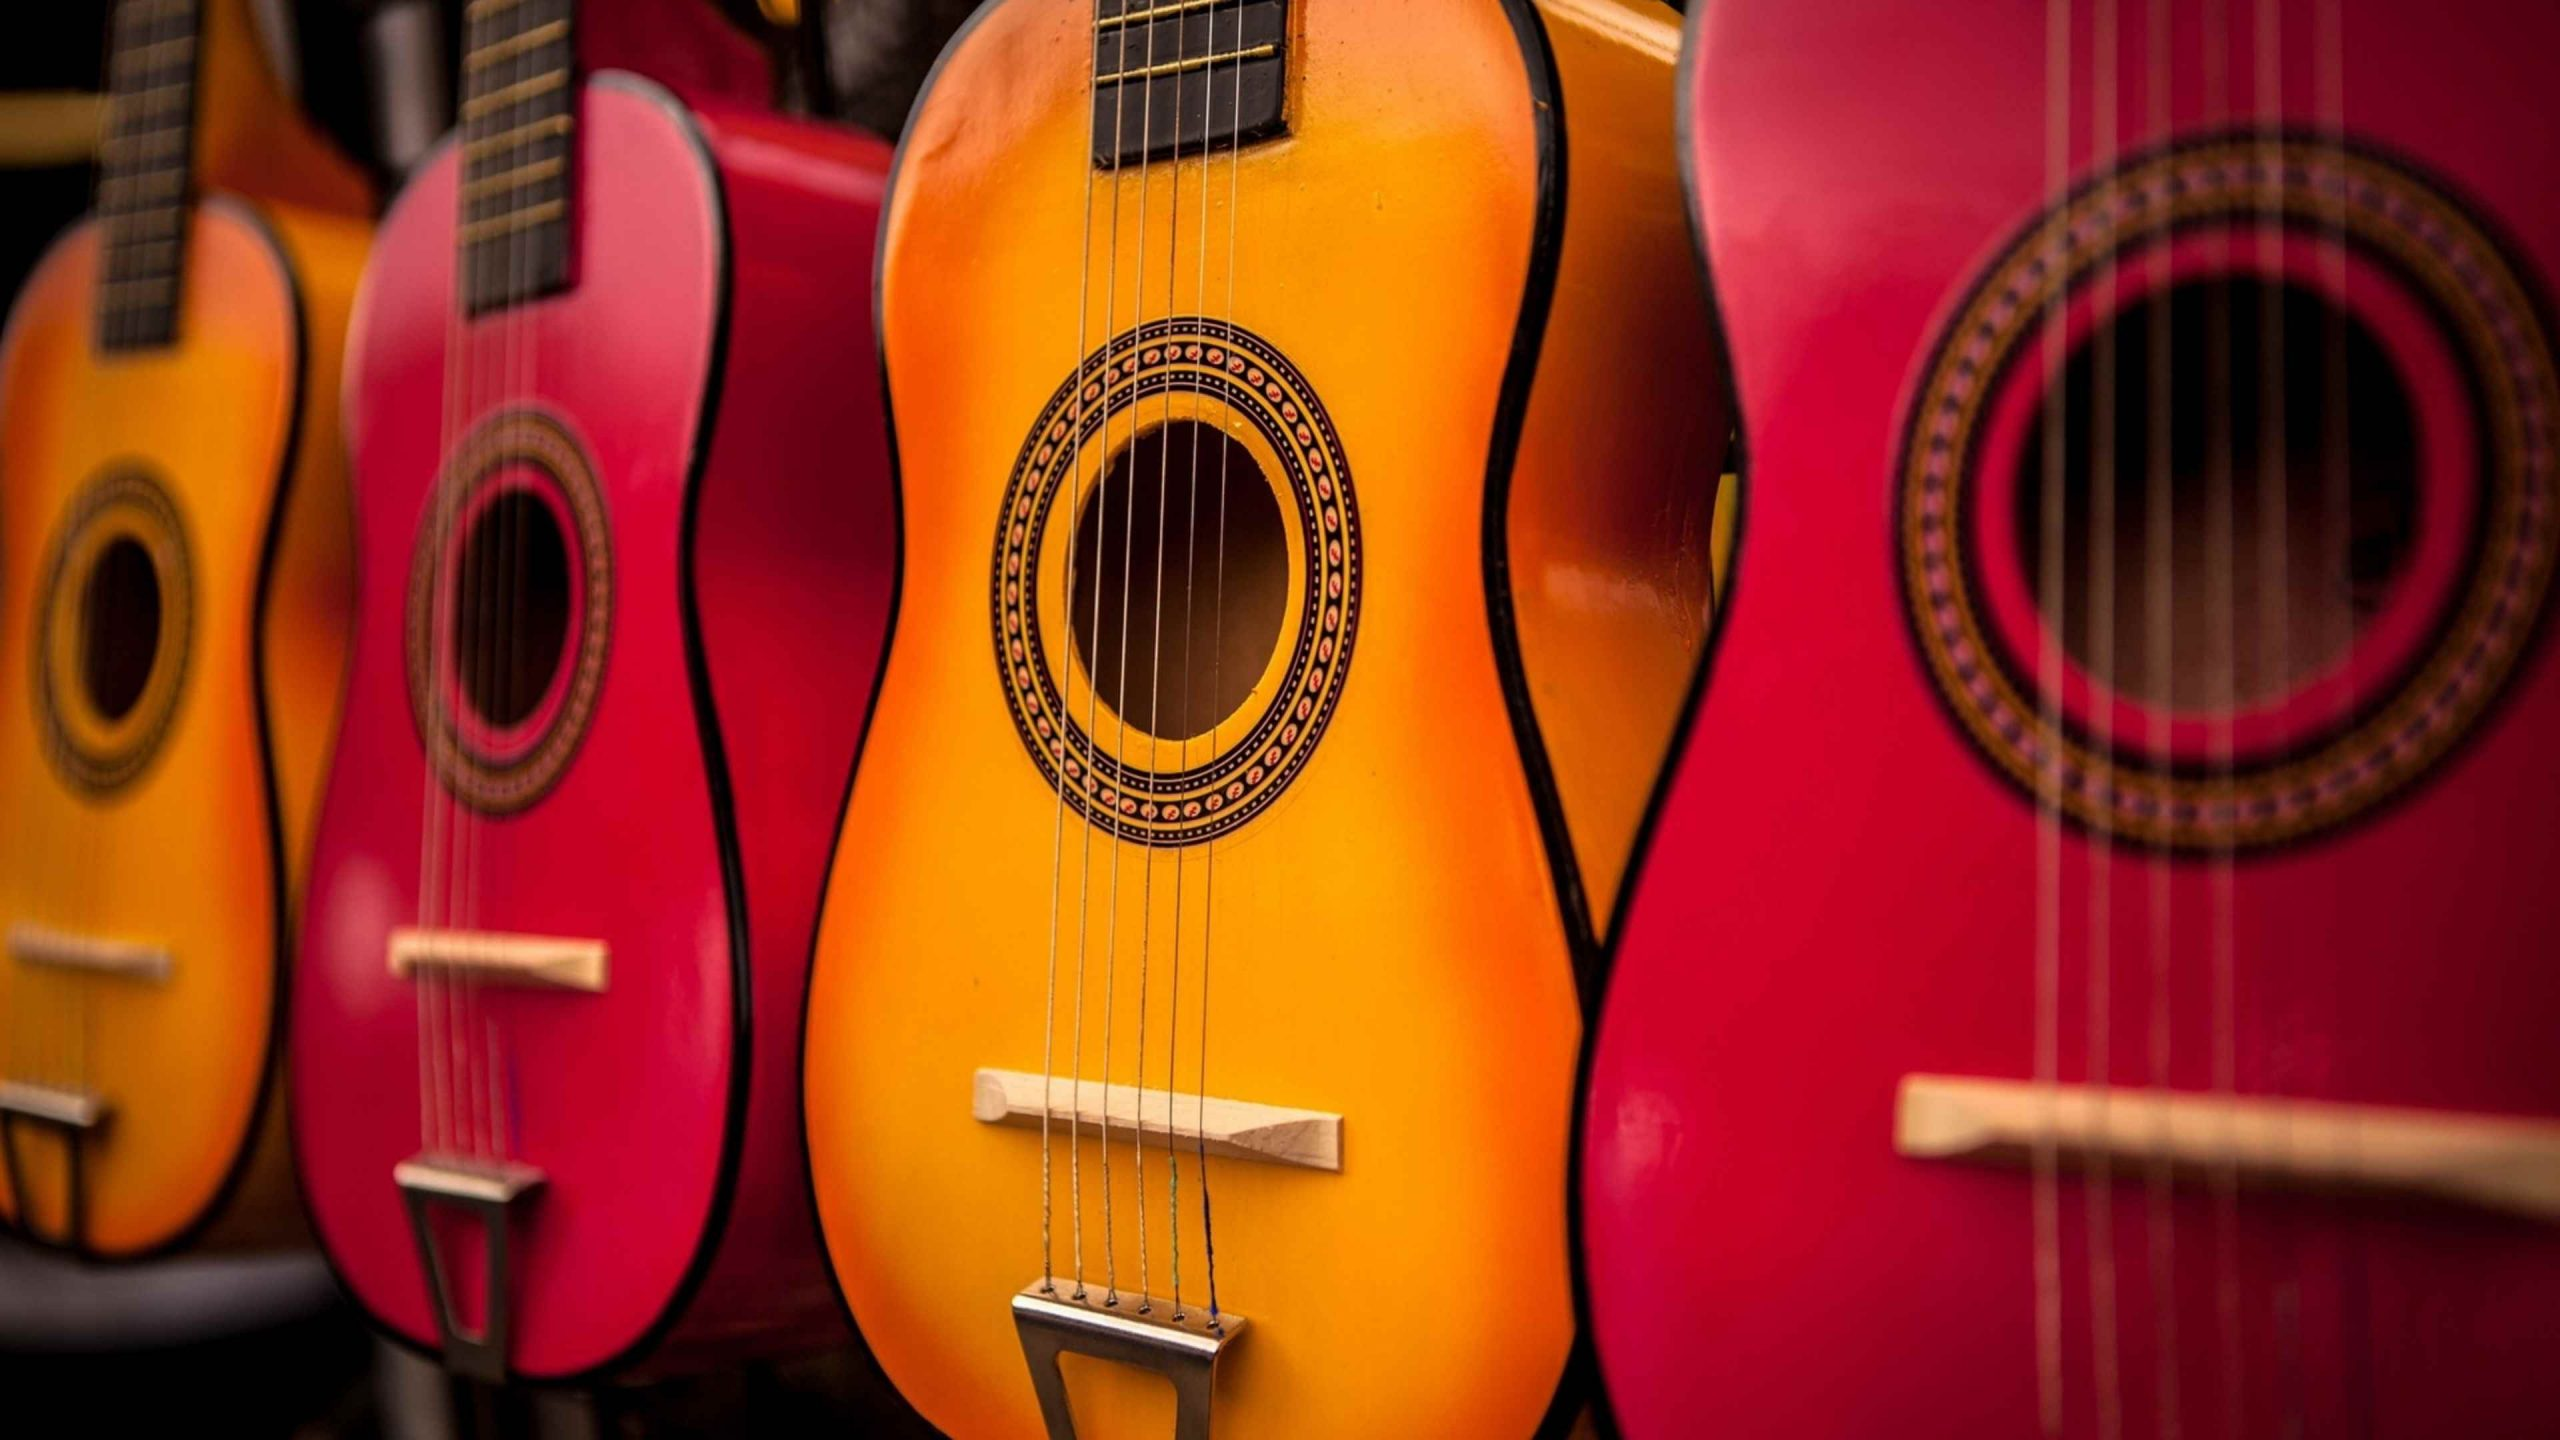 Красивая акустическая гитара фото, подборка 01